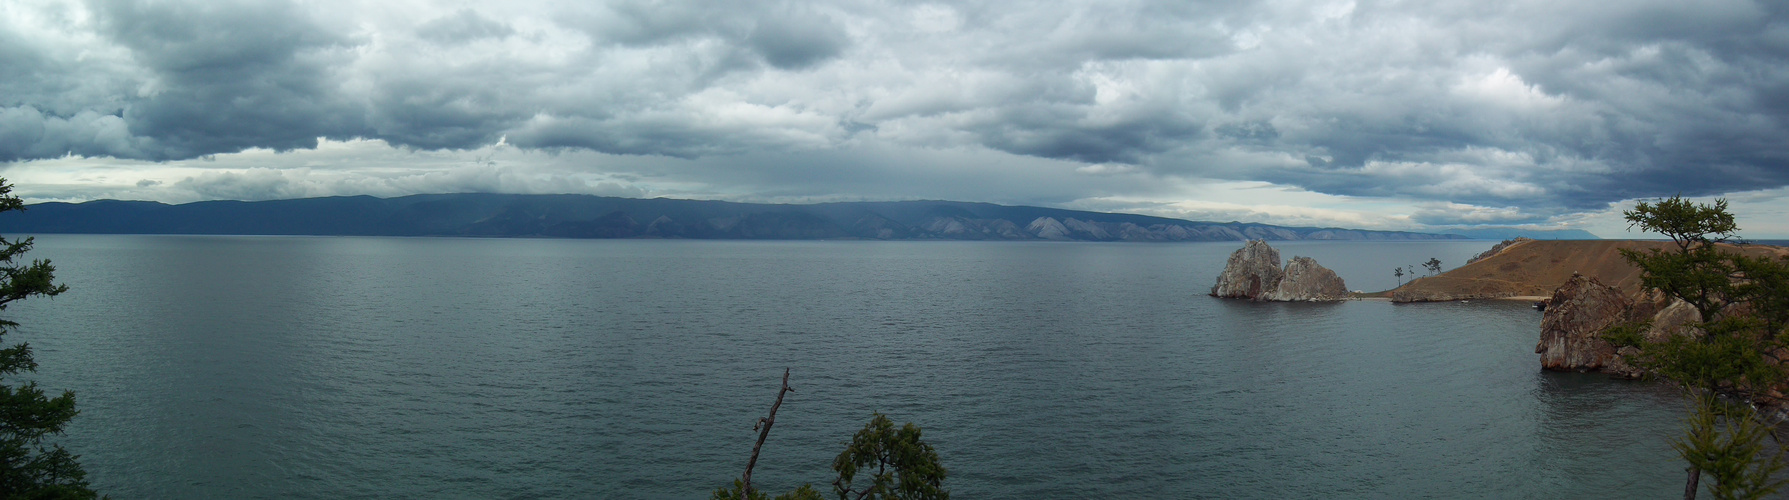 Landschaft des Baikalsees von der Insel Olchon